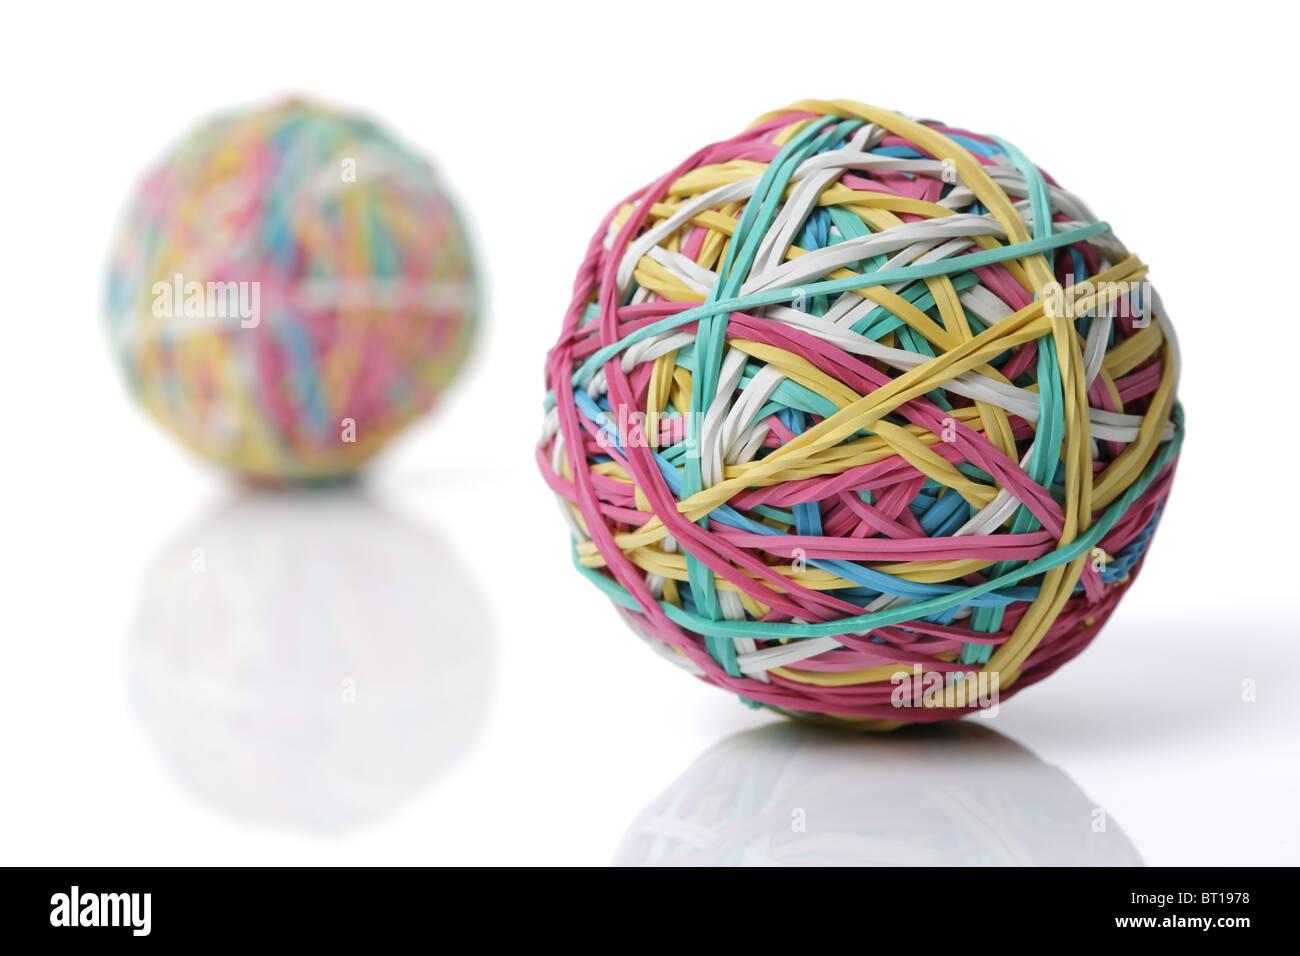 Balle de caoutchouc Photo Stock